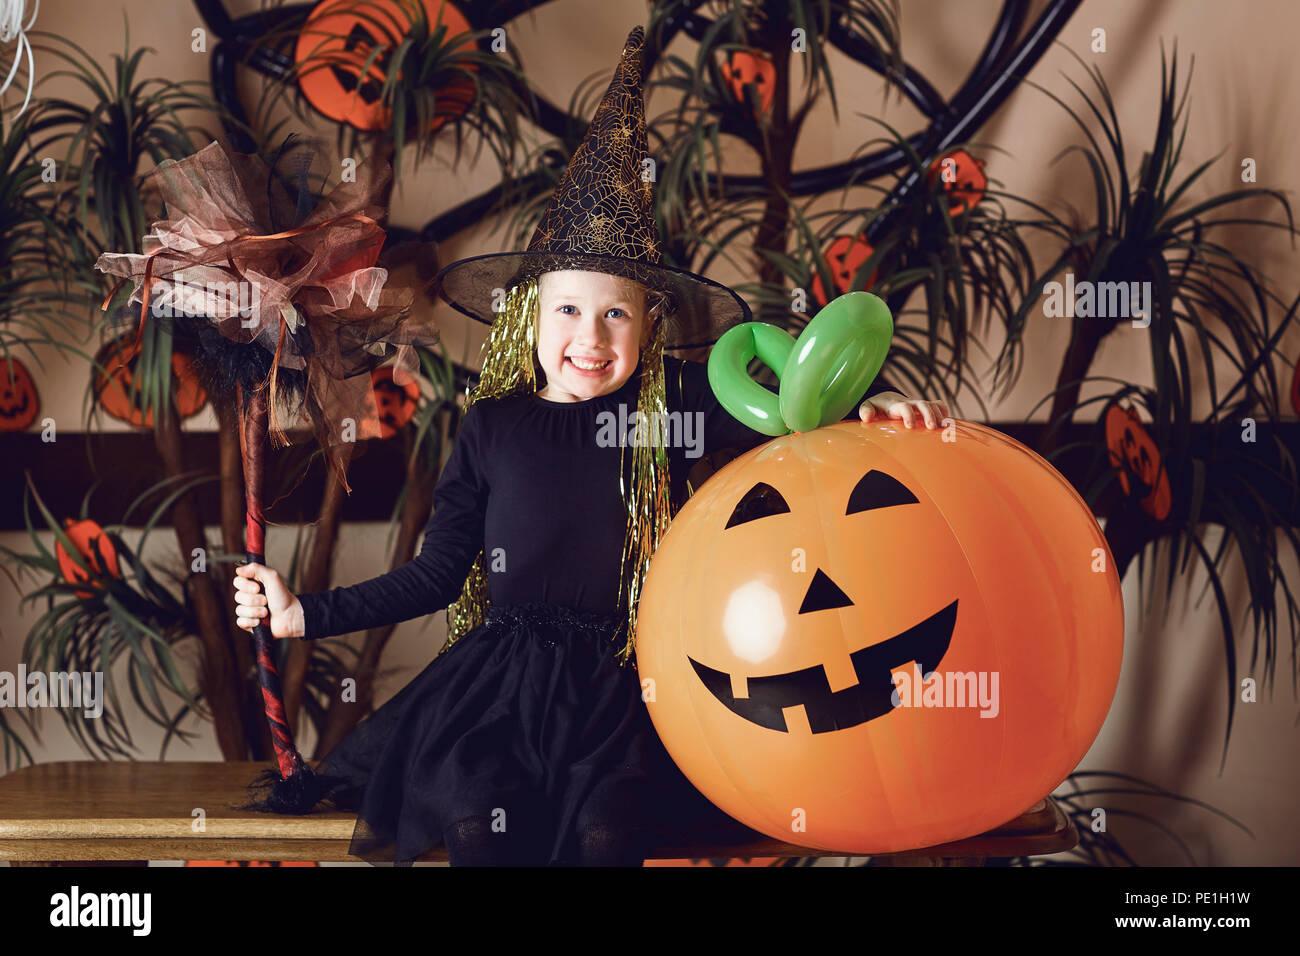 Drôle de petite fille dans un costume d'Halloween Photo Stock